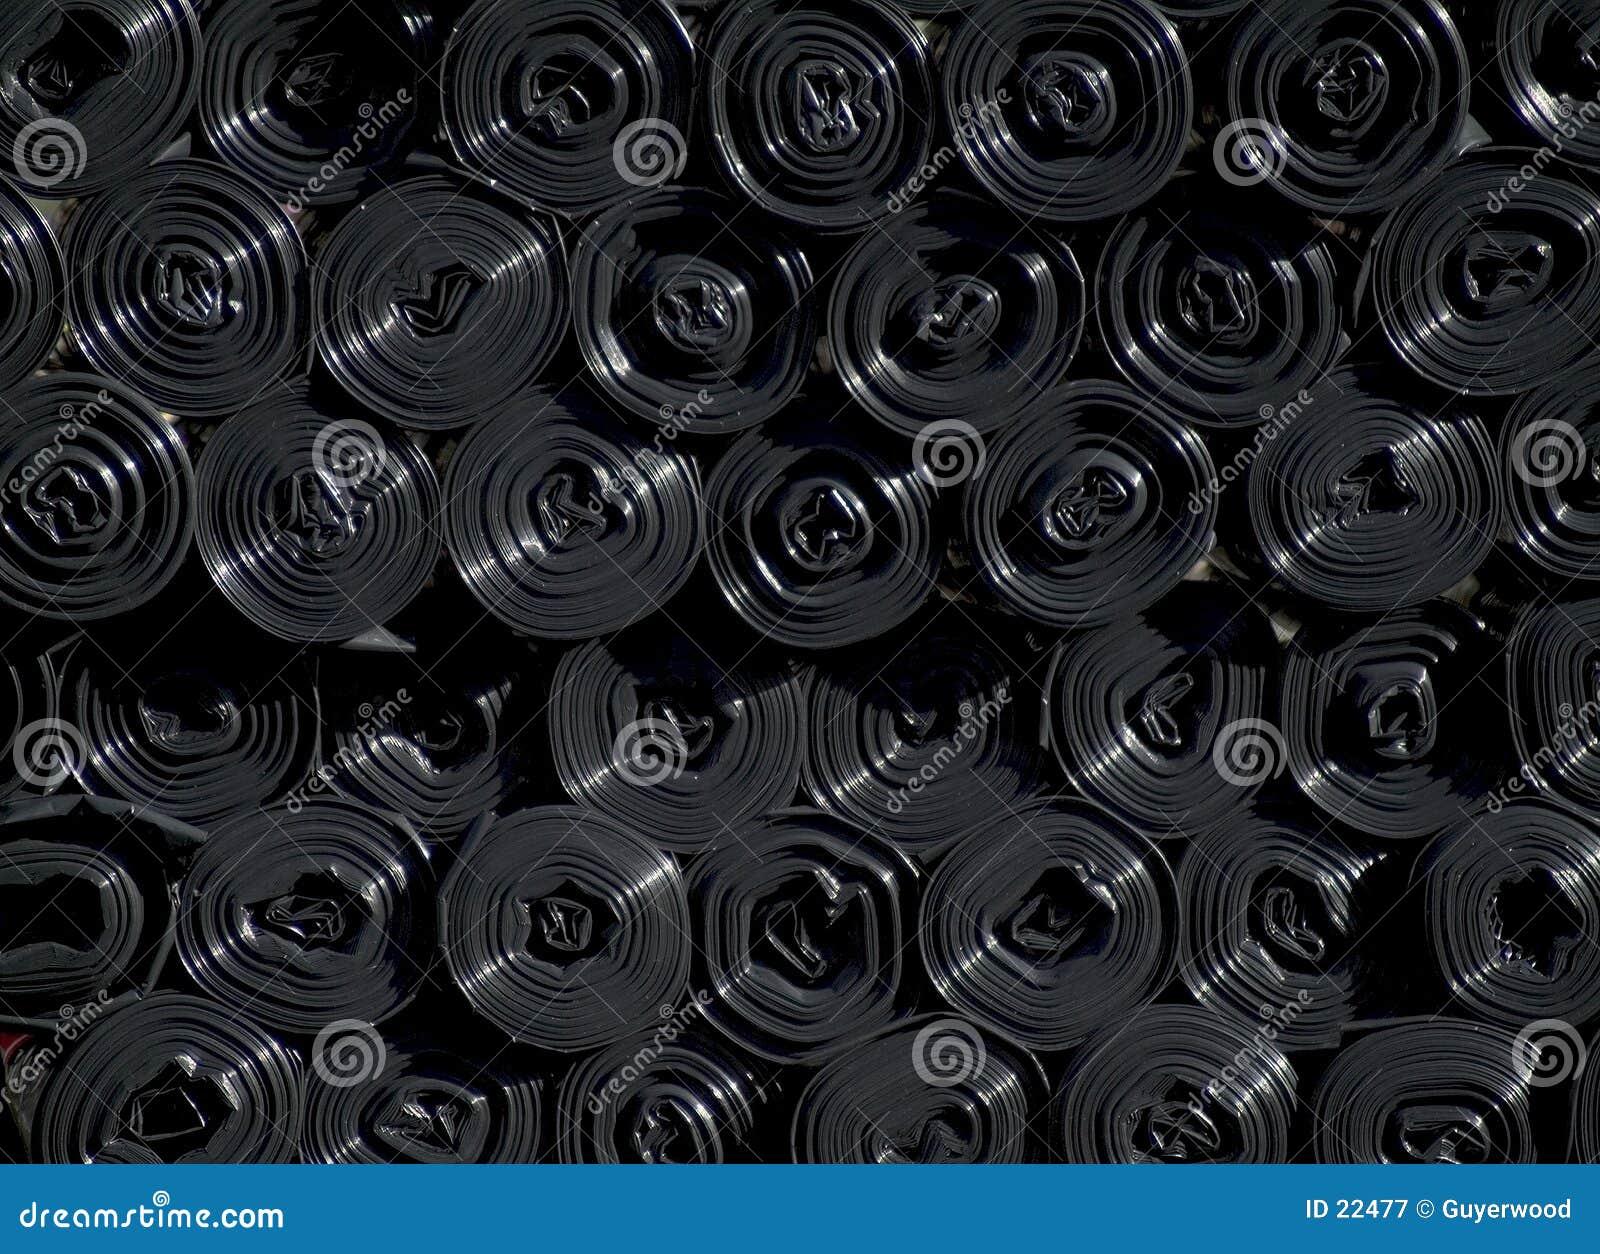 Broodjes van zwarte plastic zakken